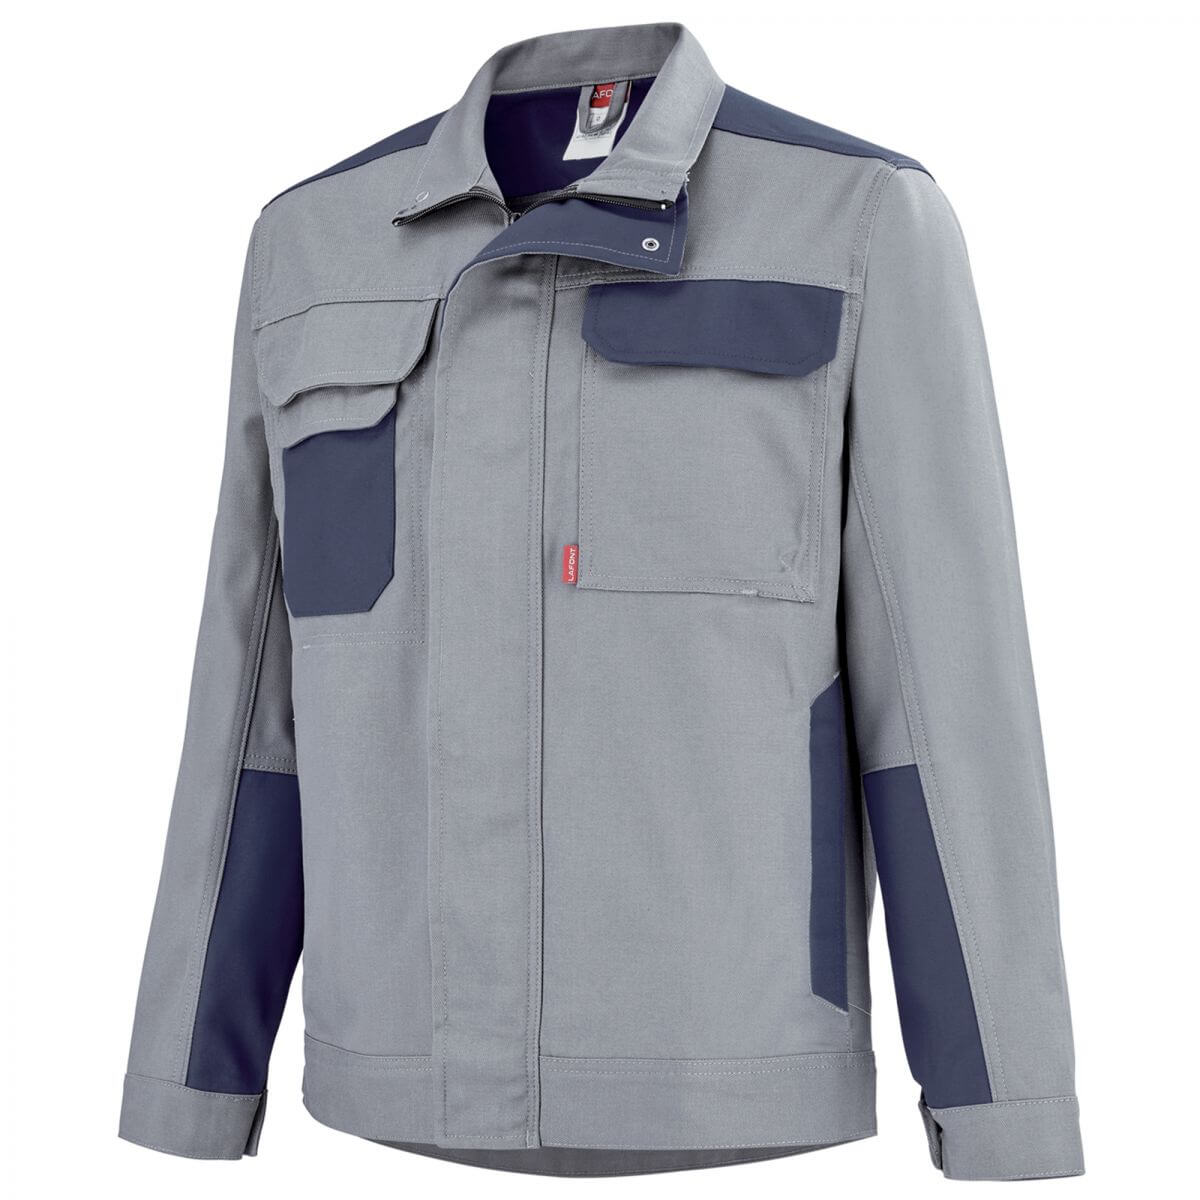 blouson de travail gris acier bleu marine a lafont vestes et blousons de travail. Black Bedroom Furniture Sets. Home Design Ideas